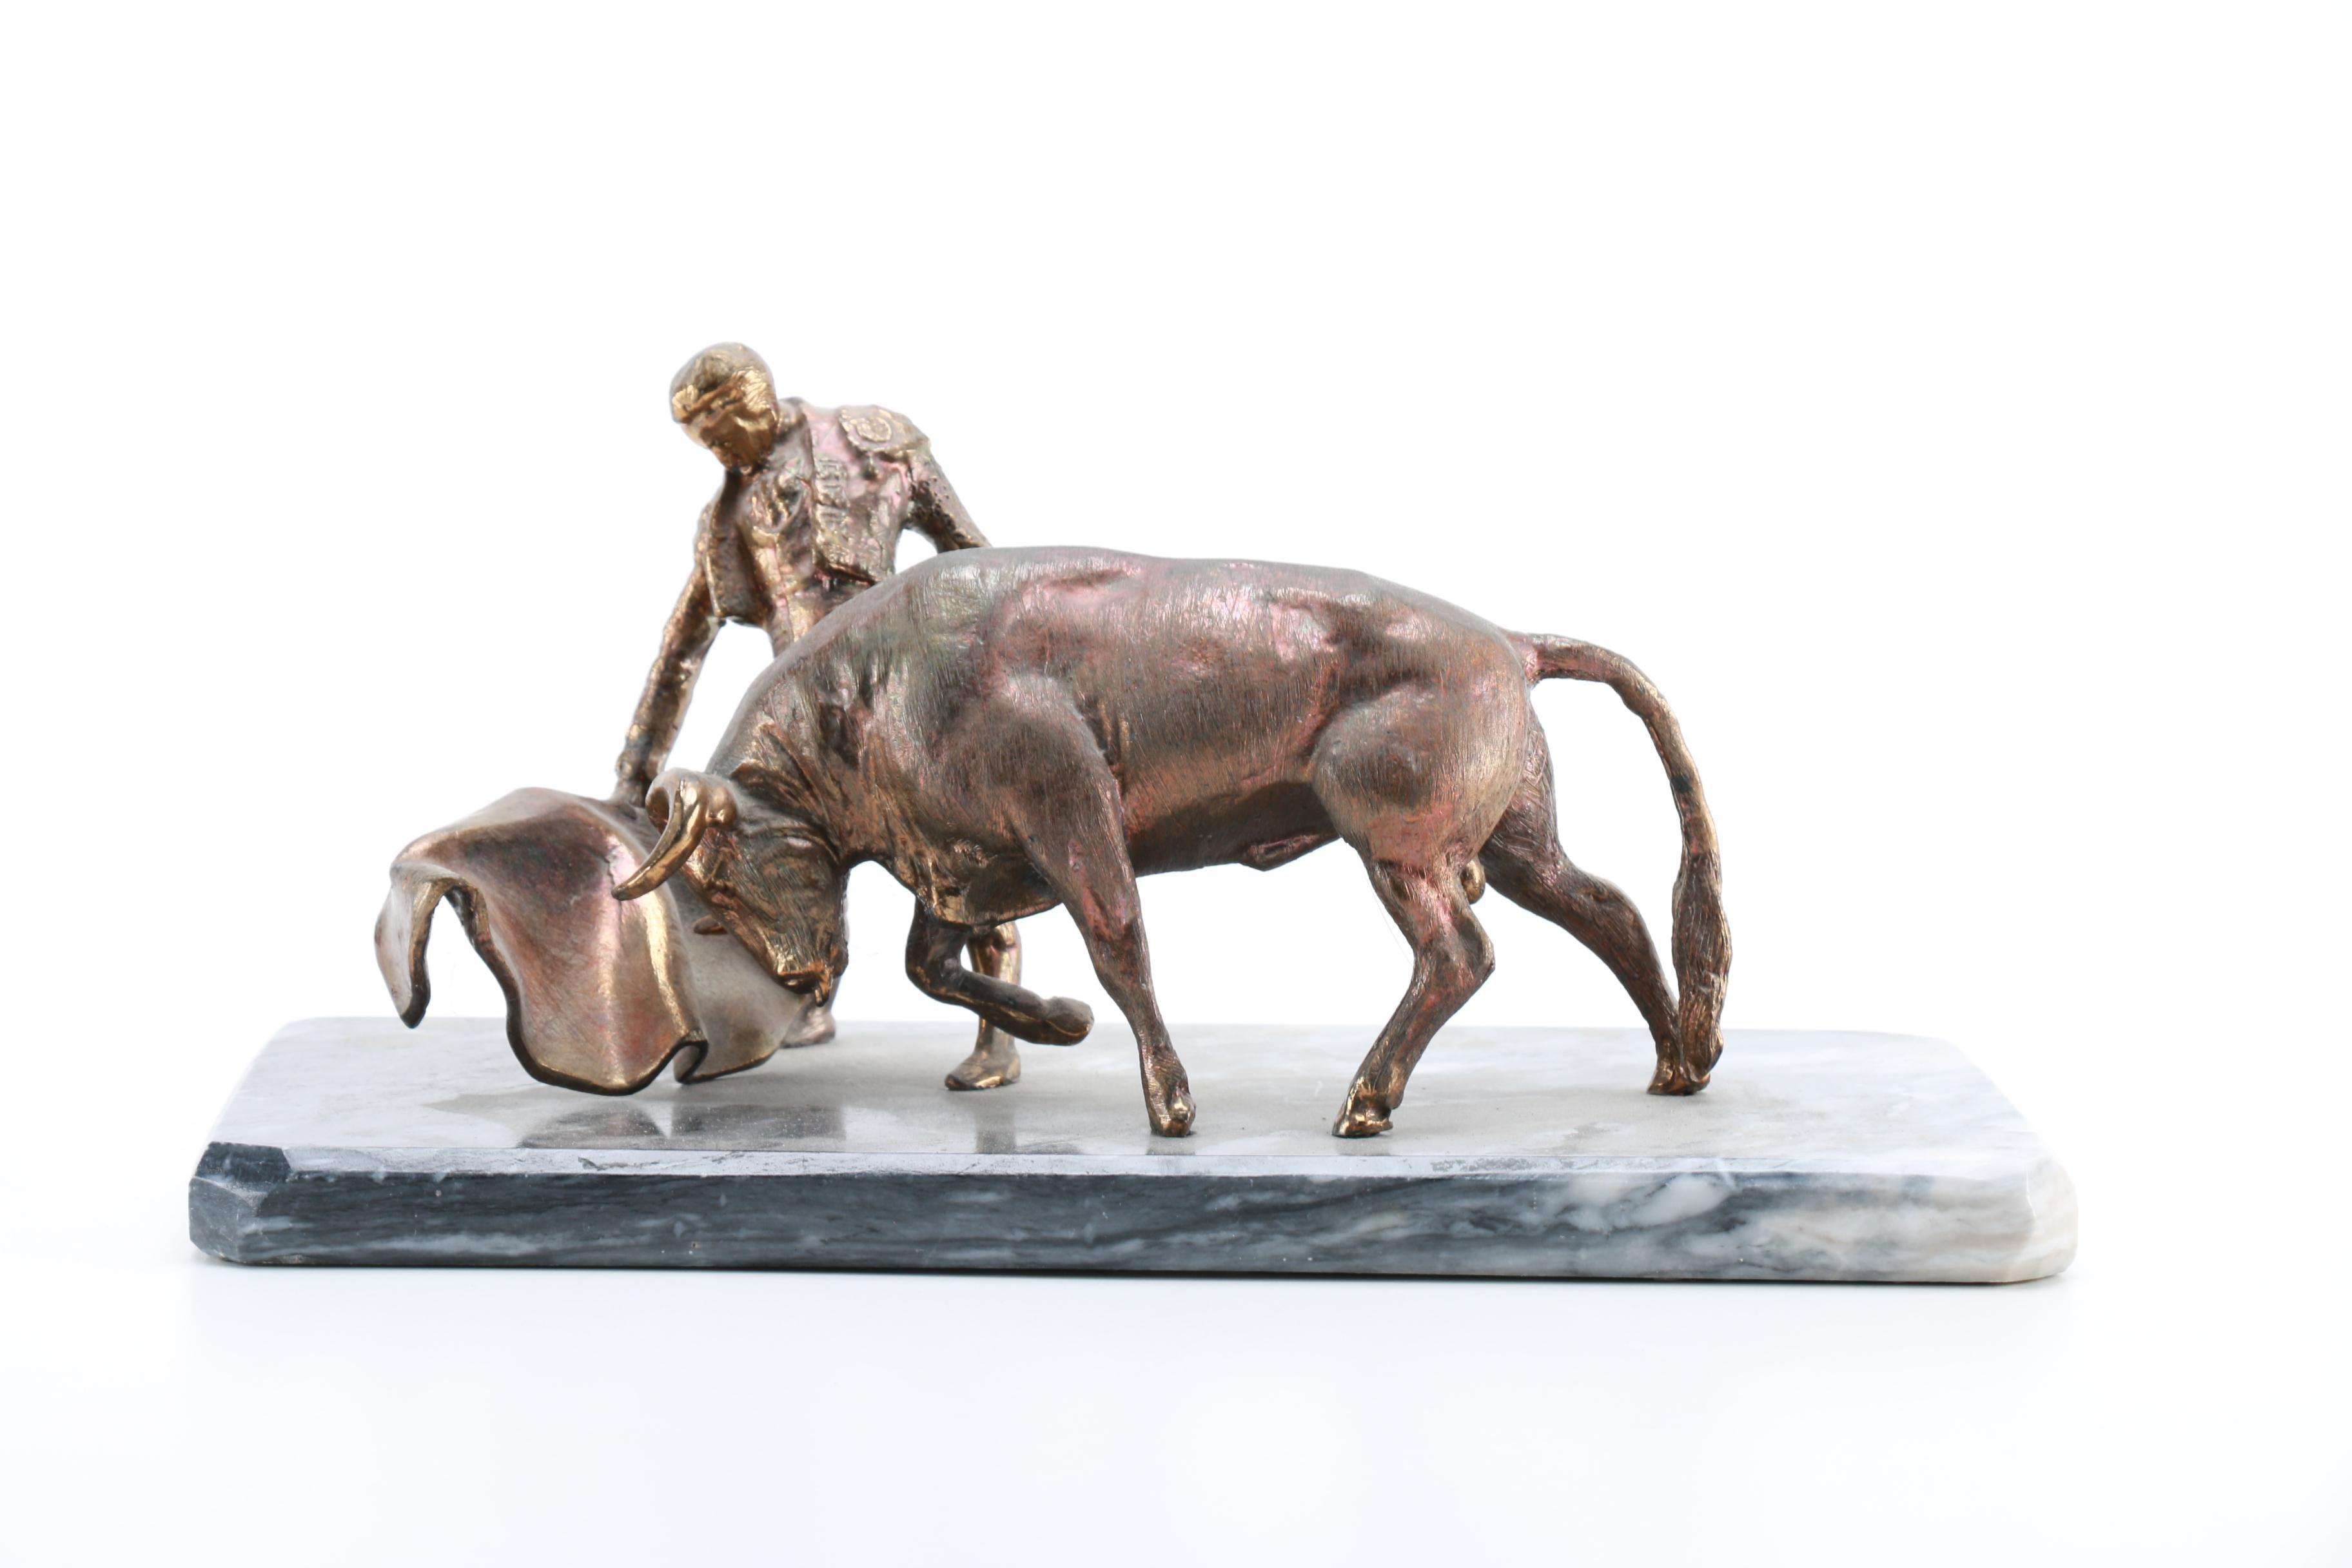 Artemetalica Spelter Statue of a Bullfighter